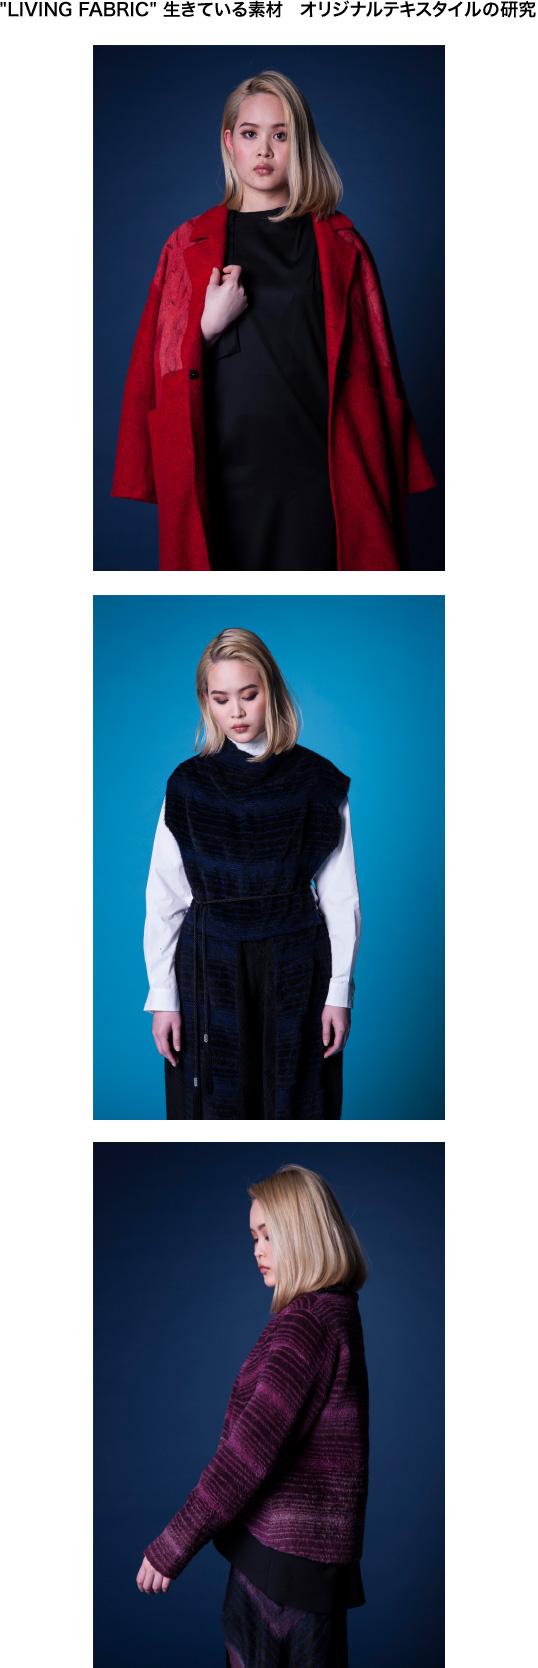 ファッションクリエイション専攻 ファッションテクノロジーコース2年生:ソ ドンヨン